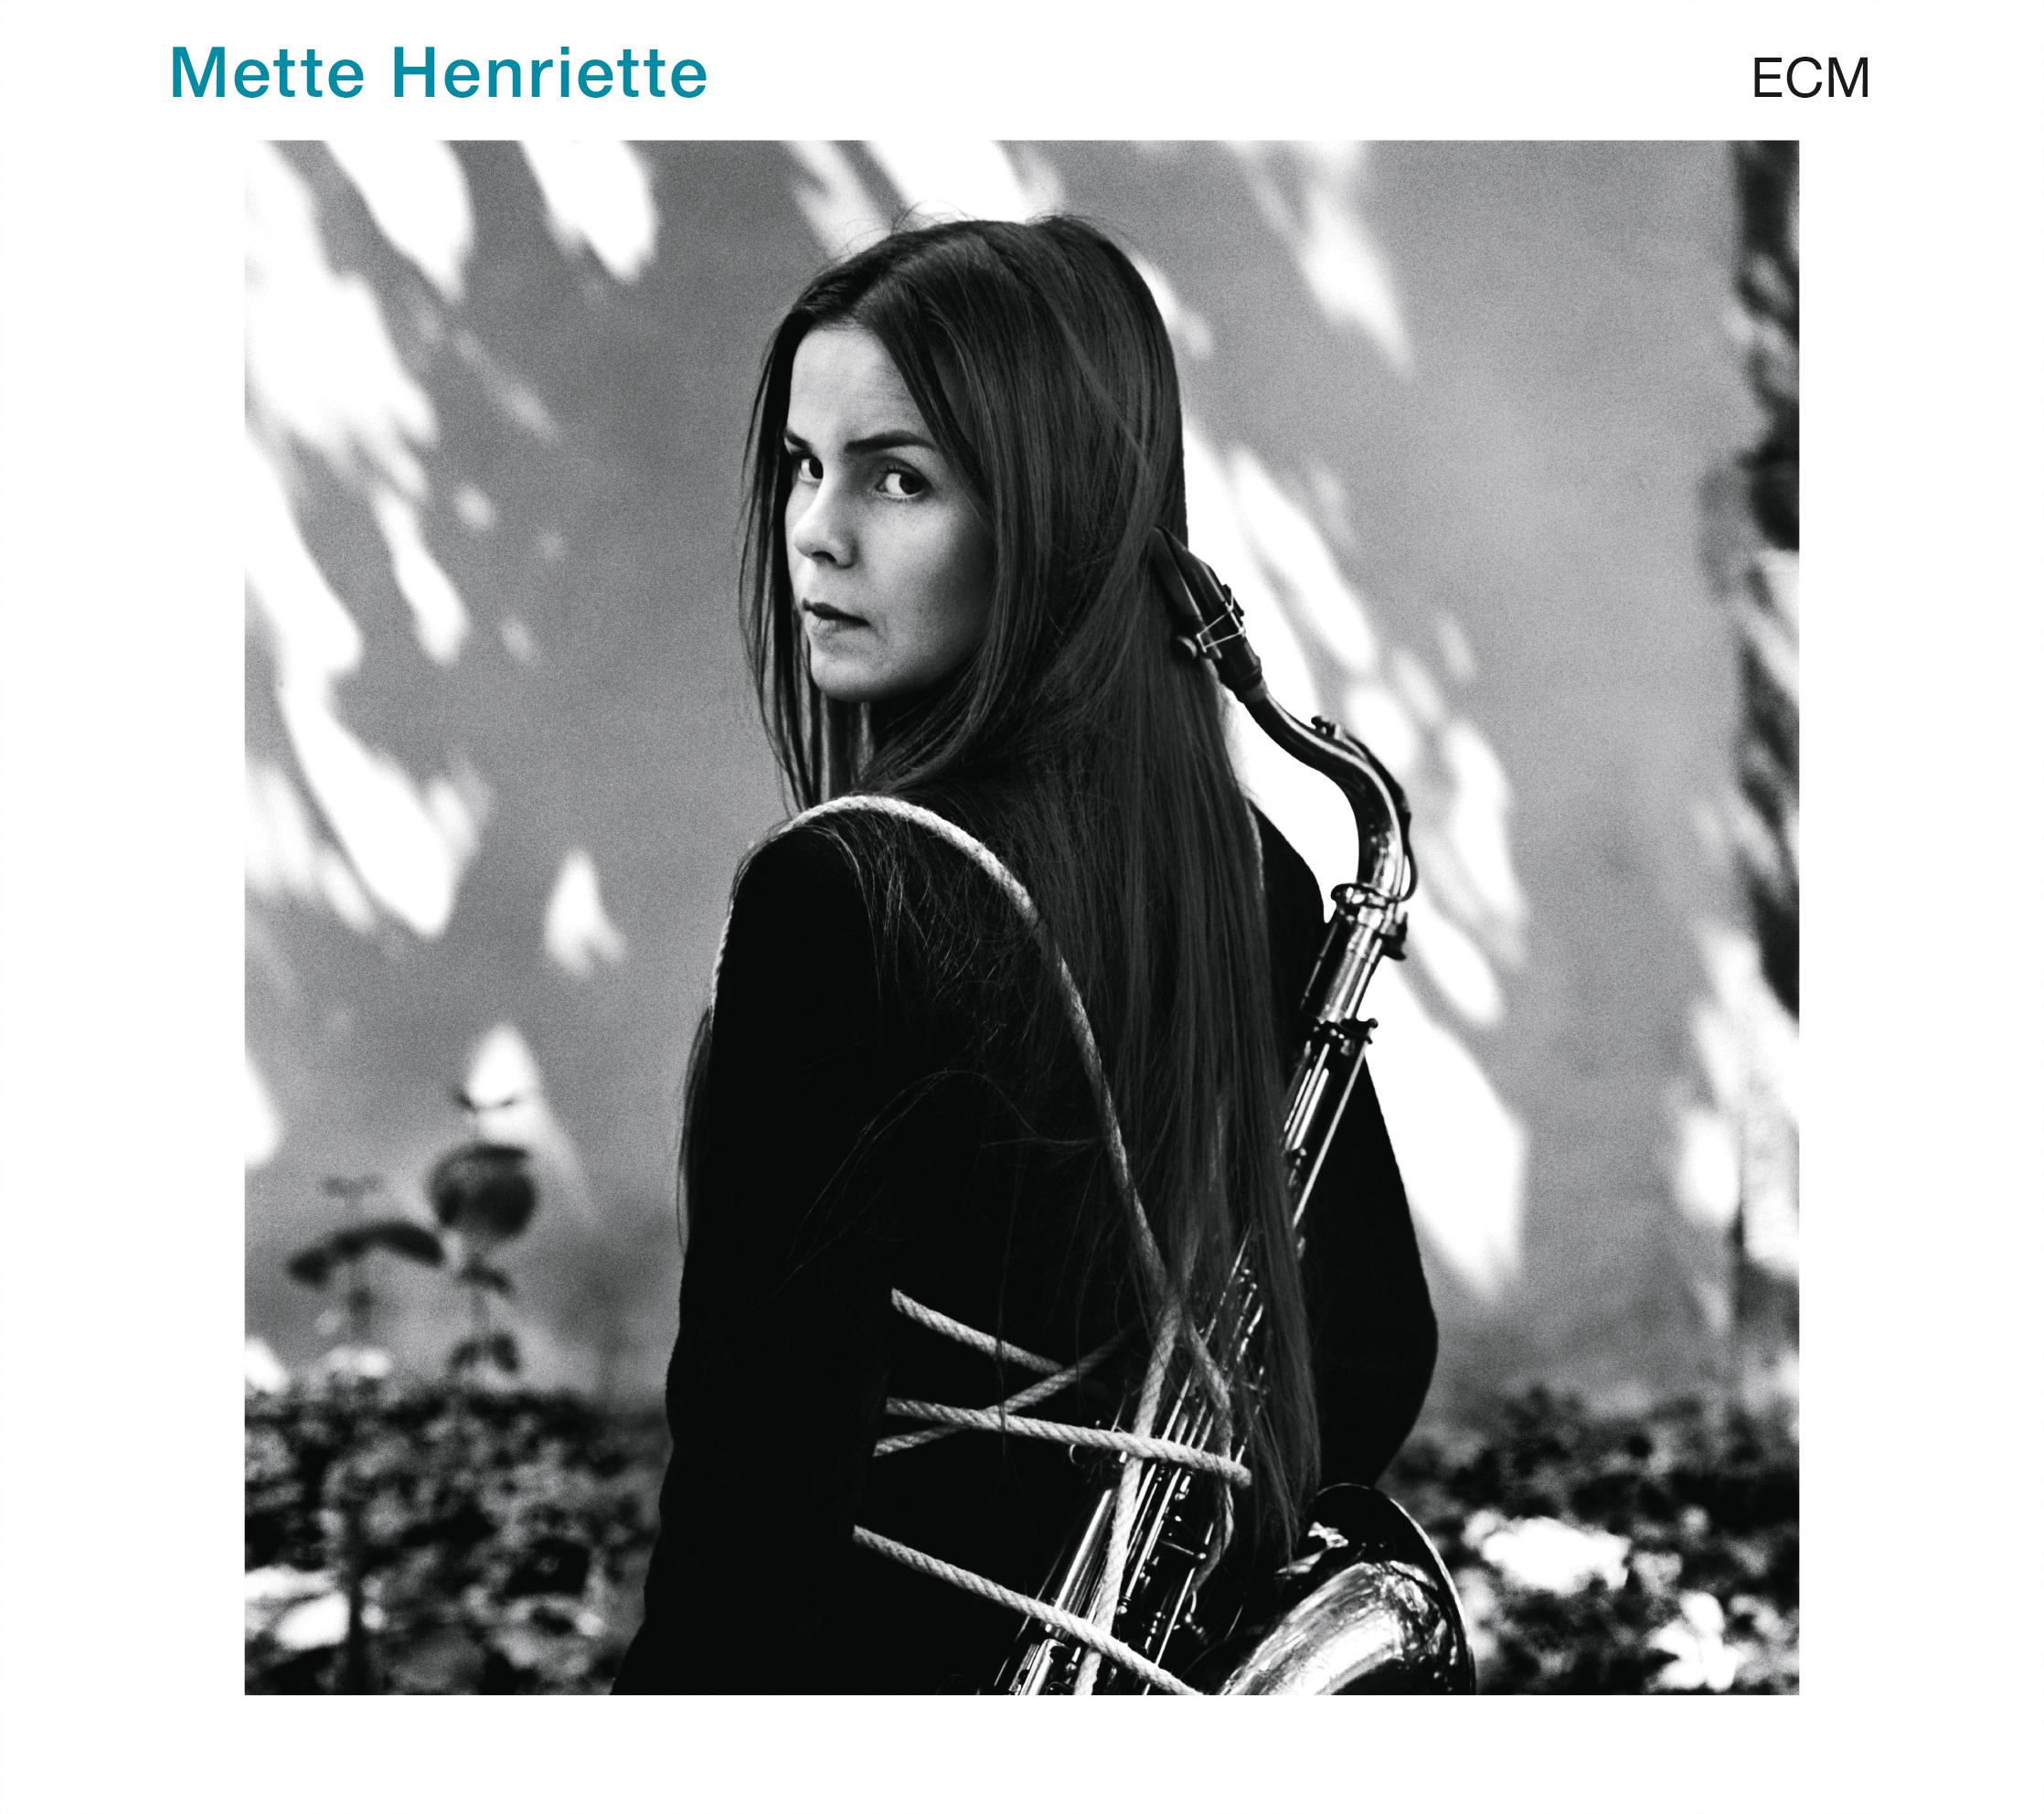 Mette Henriette (ECM, 2015)